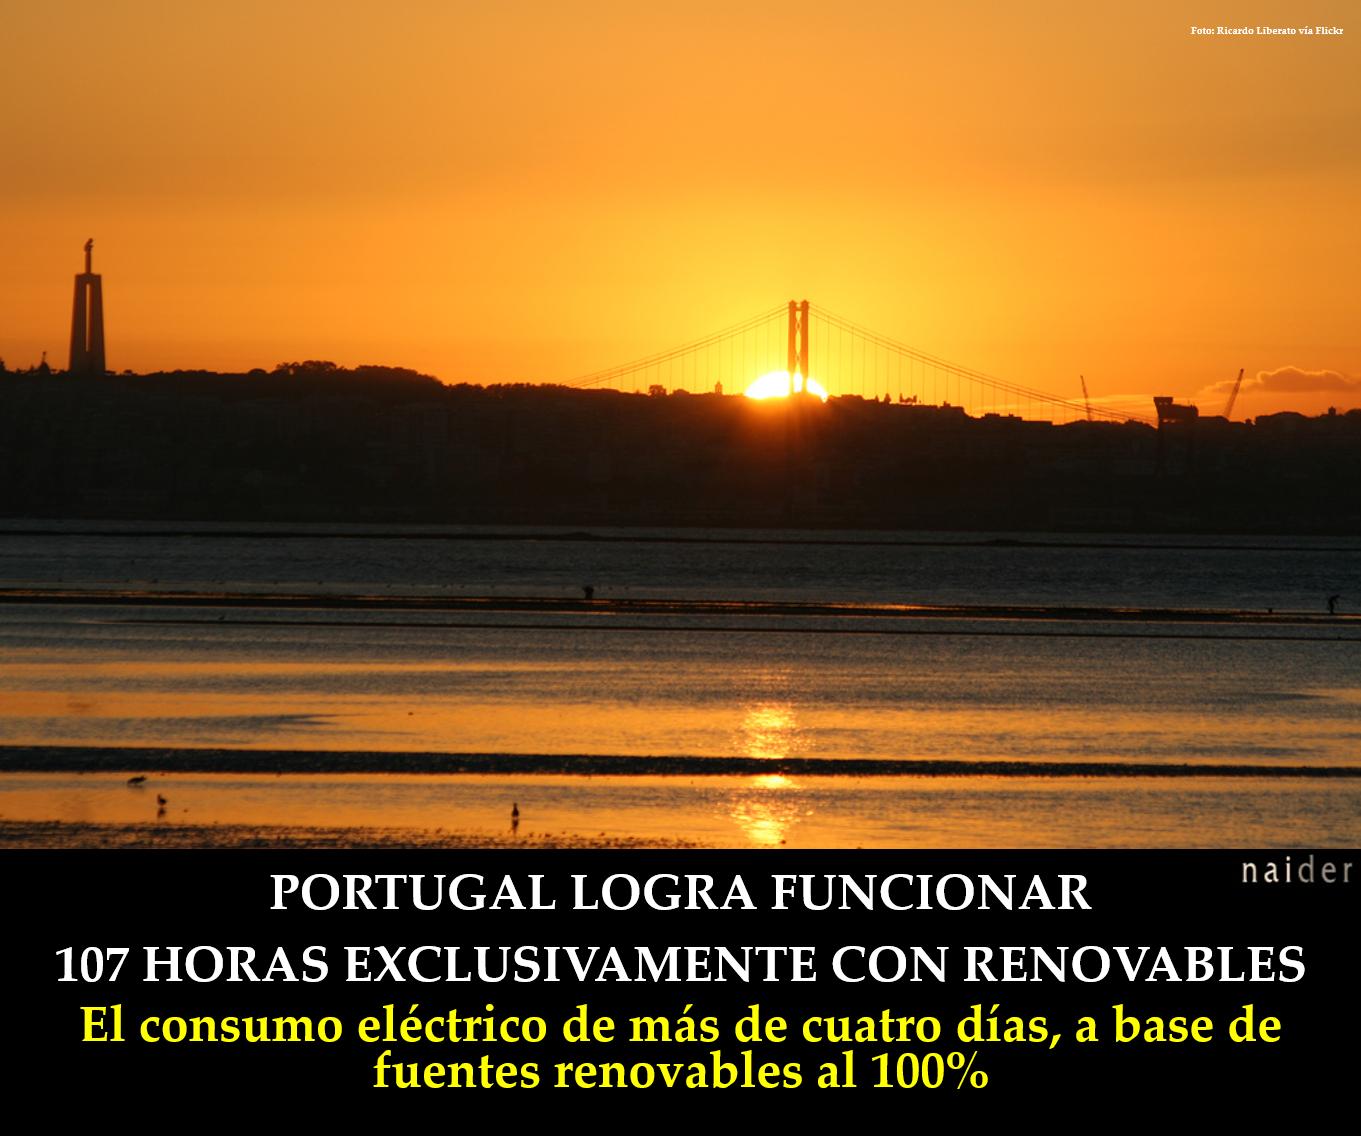 Portugal funciona 107 horas renovables infopost